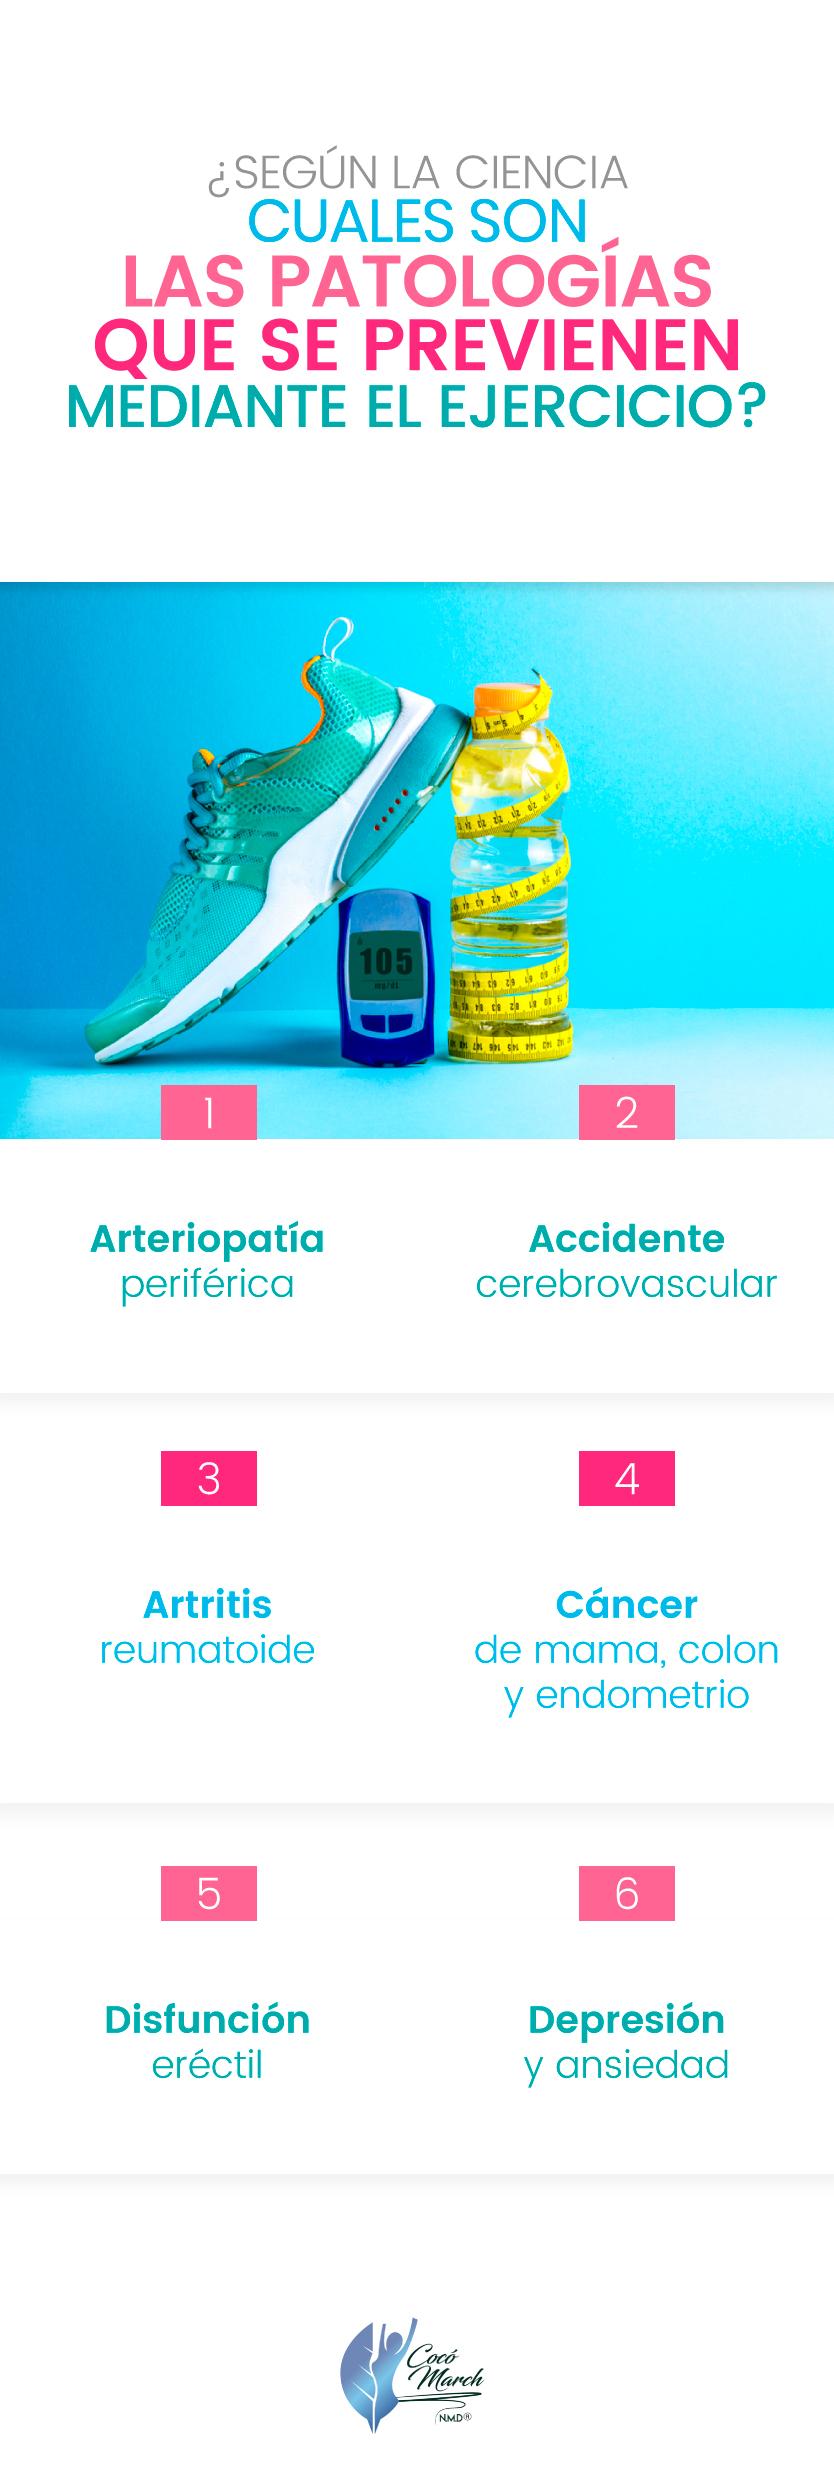 enfermedades-que-se-previenen-con-ejercicios